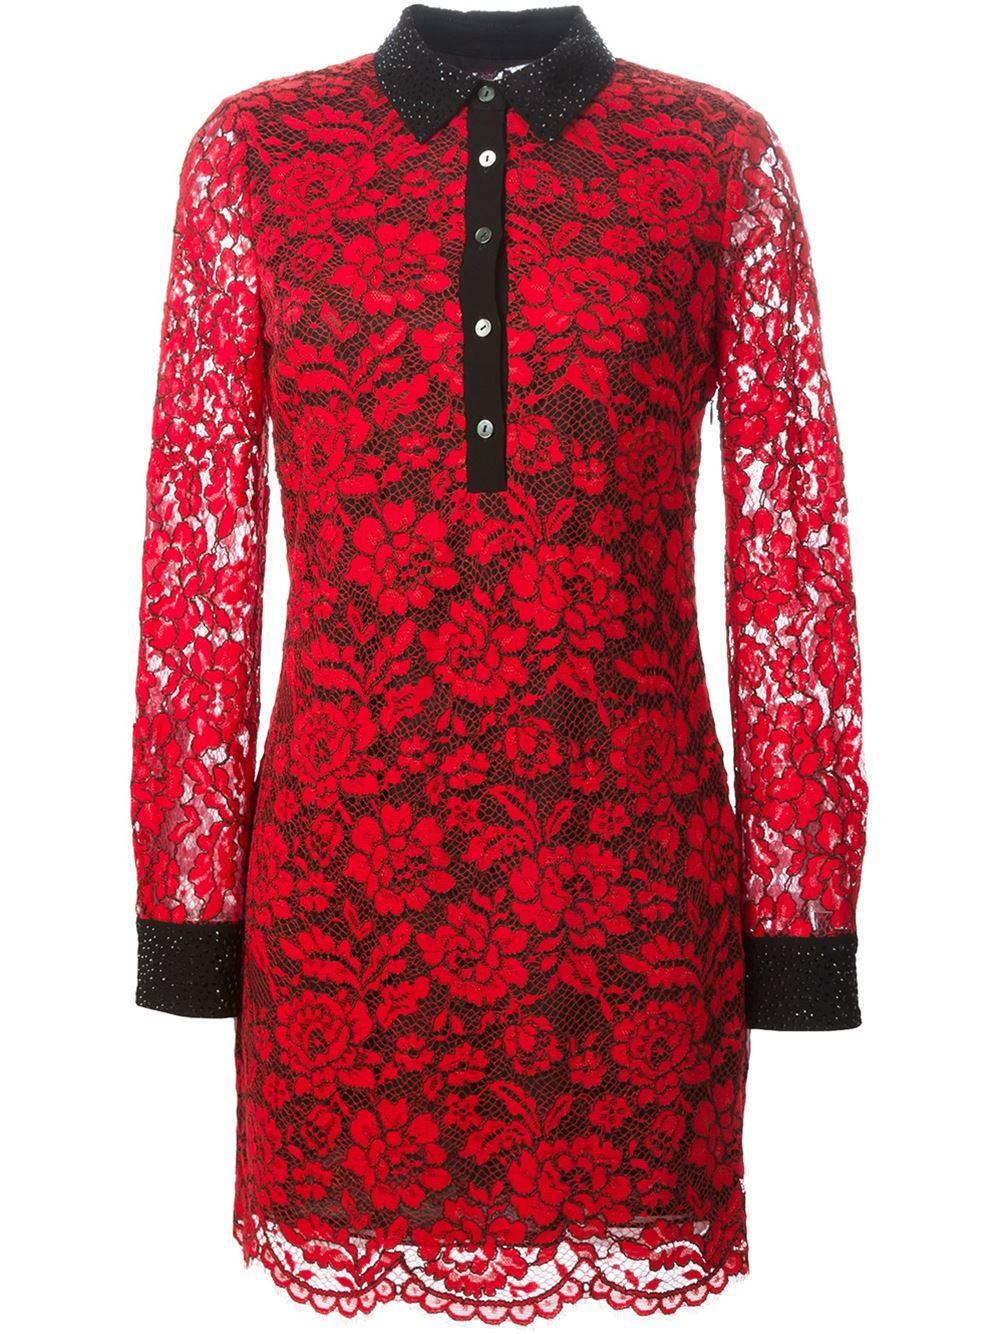 Diane Von Furstenberg Floral Lace Shirt Dress In Red Lyst